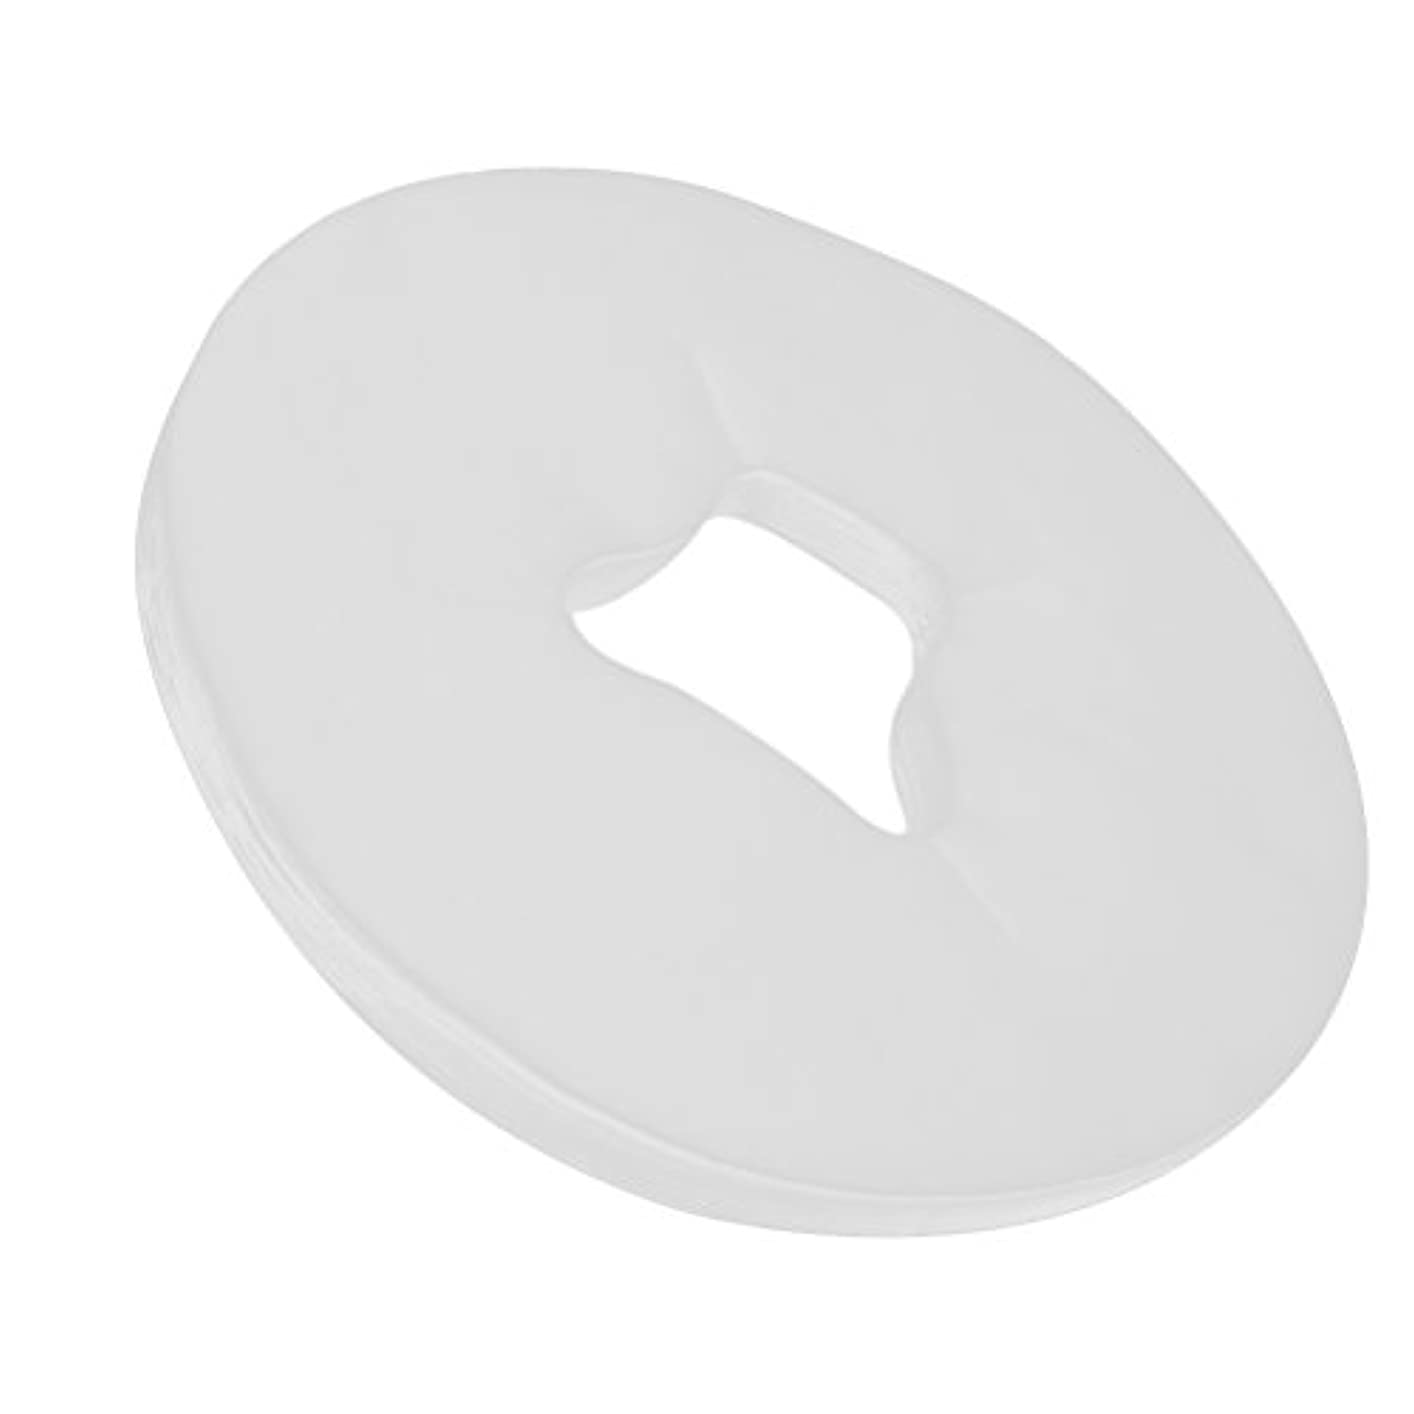 バルセロナ急流軽食Healifty 100Pcs使い捨て可能な表面揺りかごはマッサージのテーブルのためのマッサージの表面残りカバーを覆います